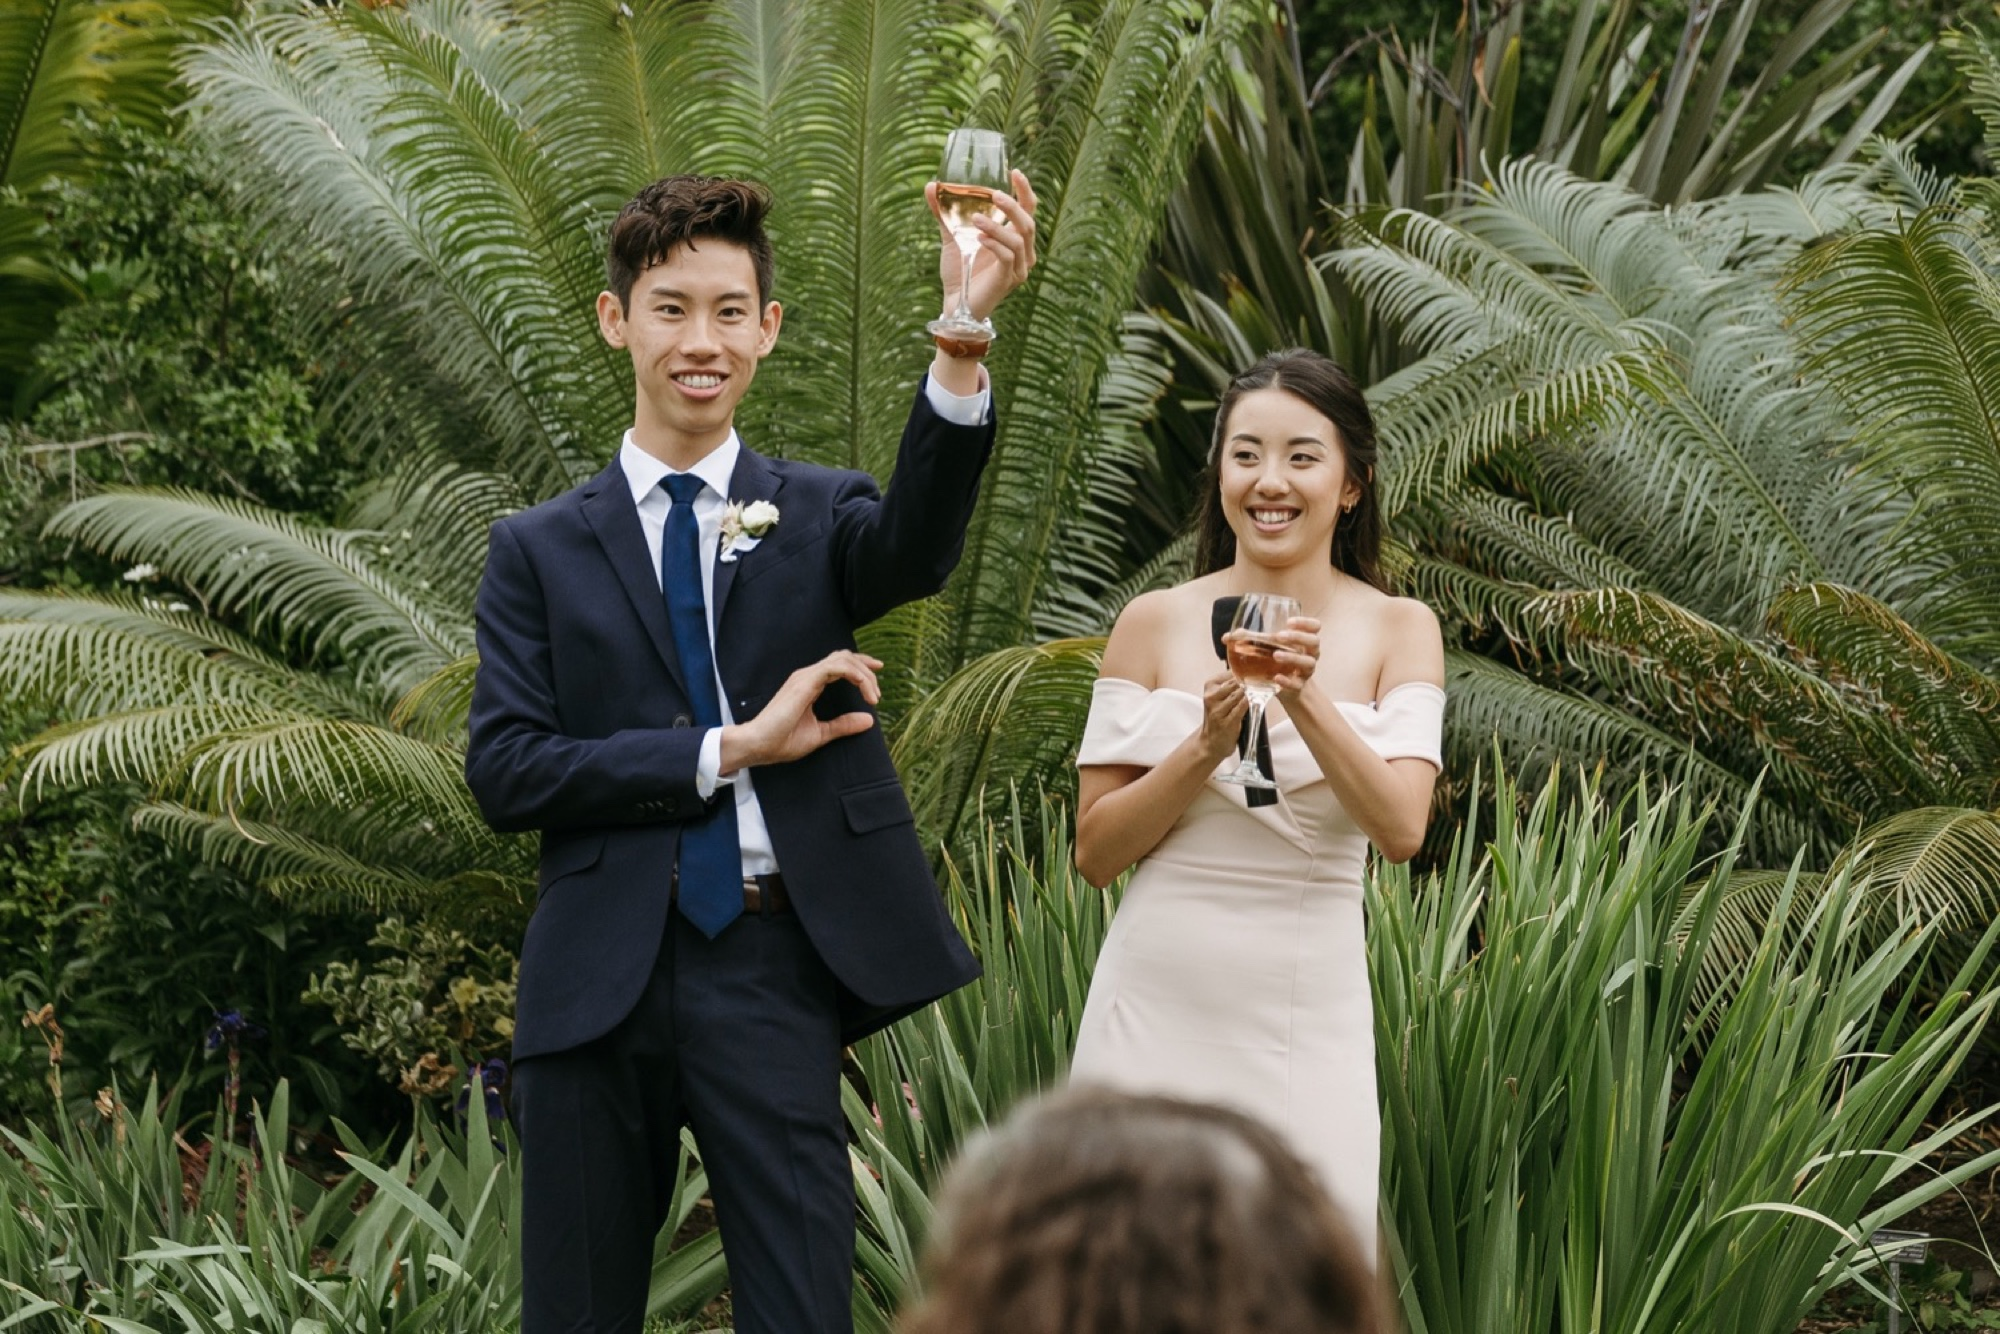 071_Shawna and Steve's Wedding-457.jpg